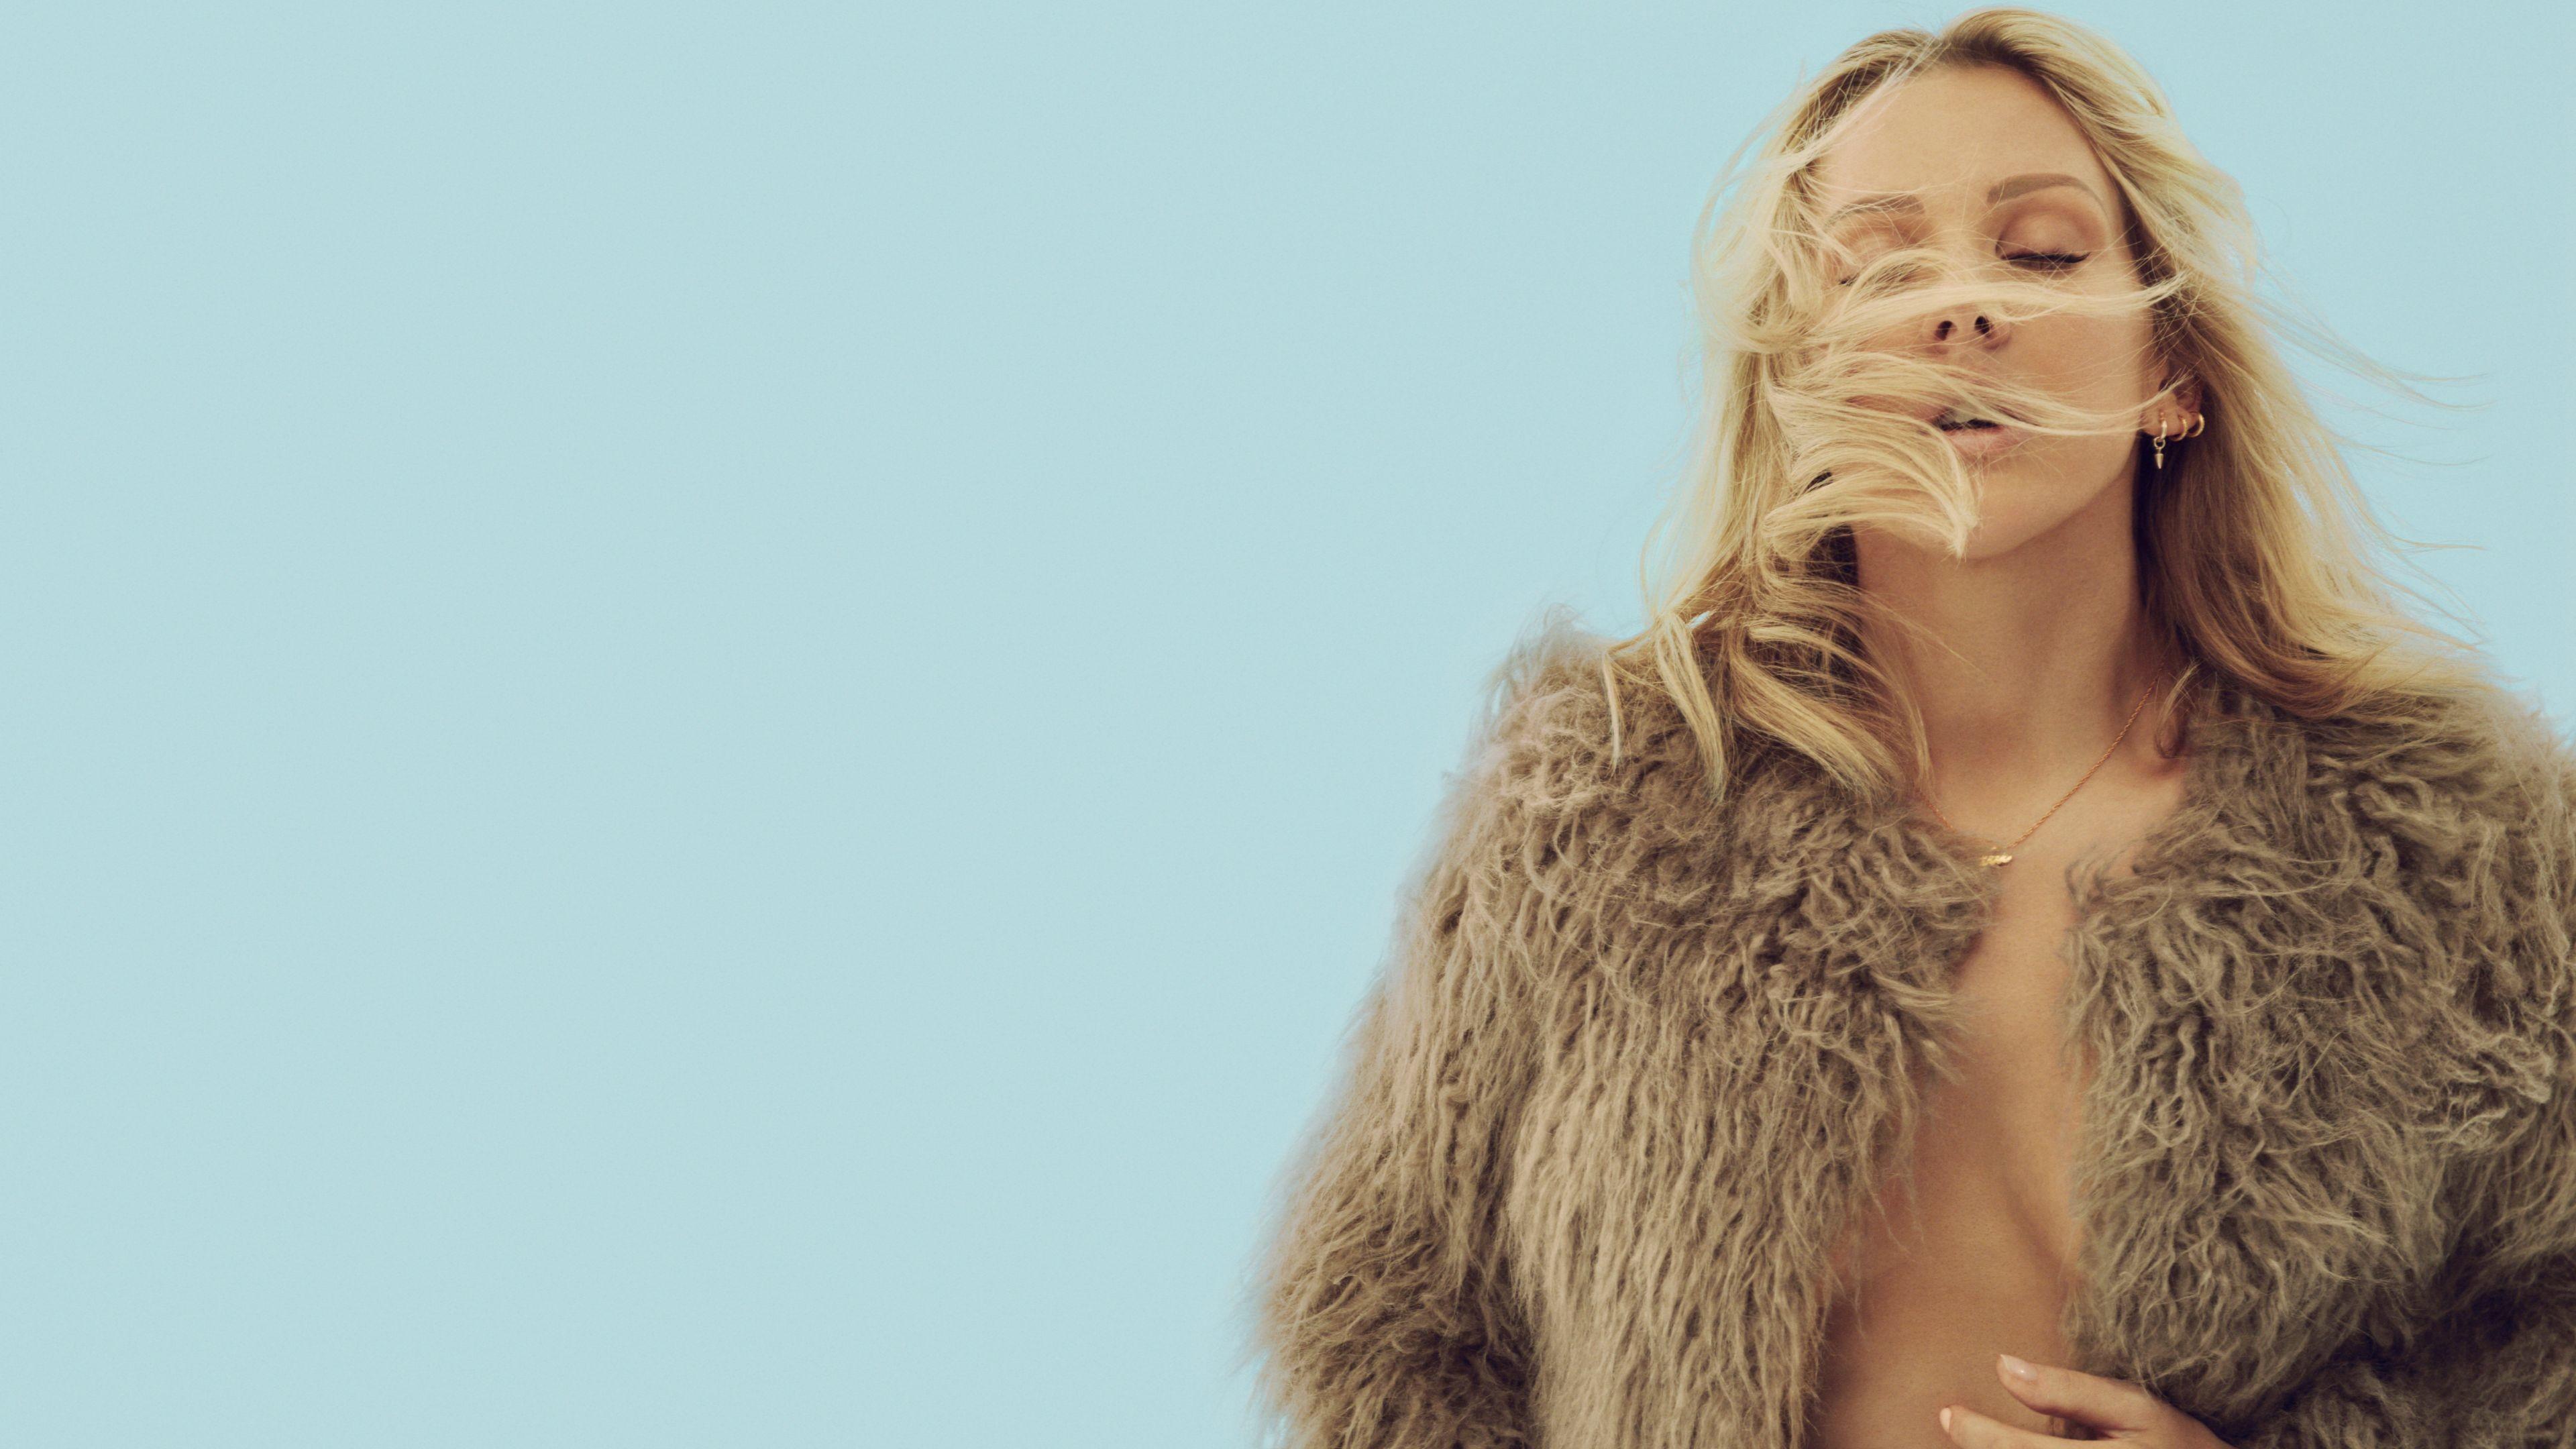 Ellie Goulding. December 8, 2016 altaro